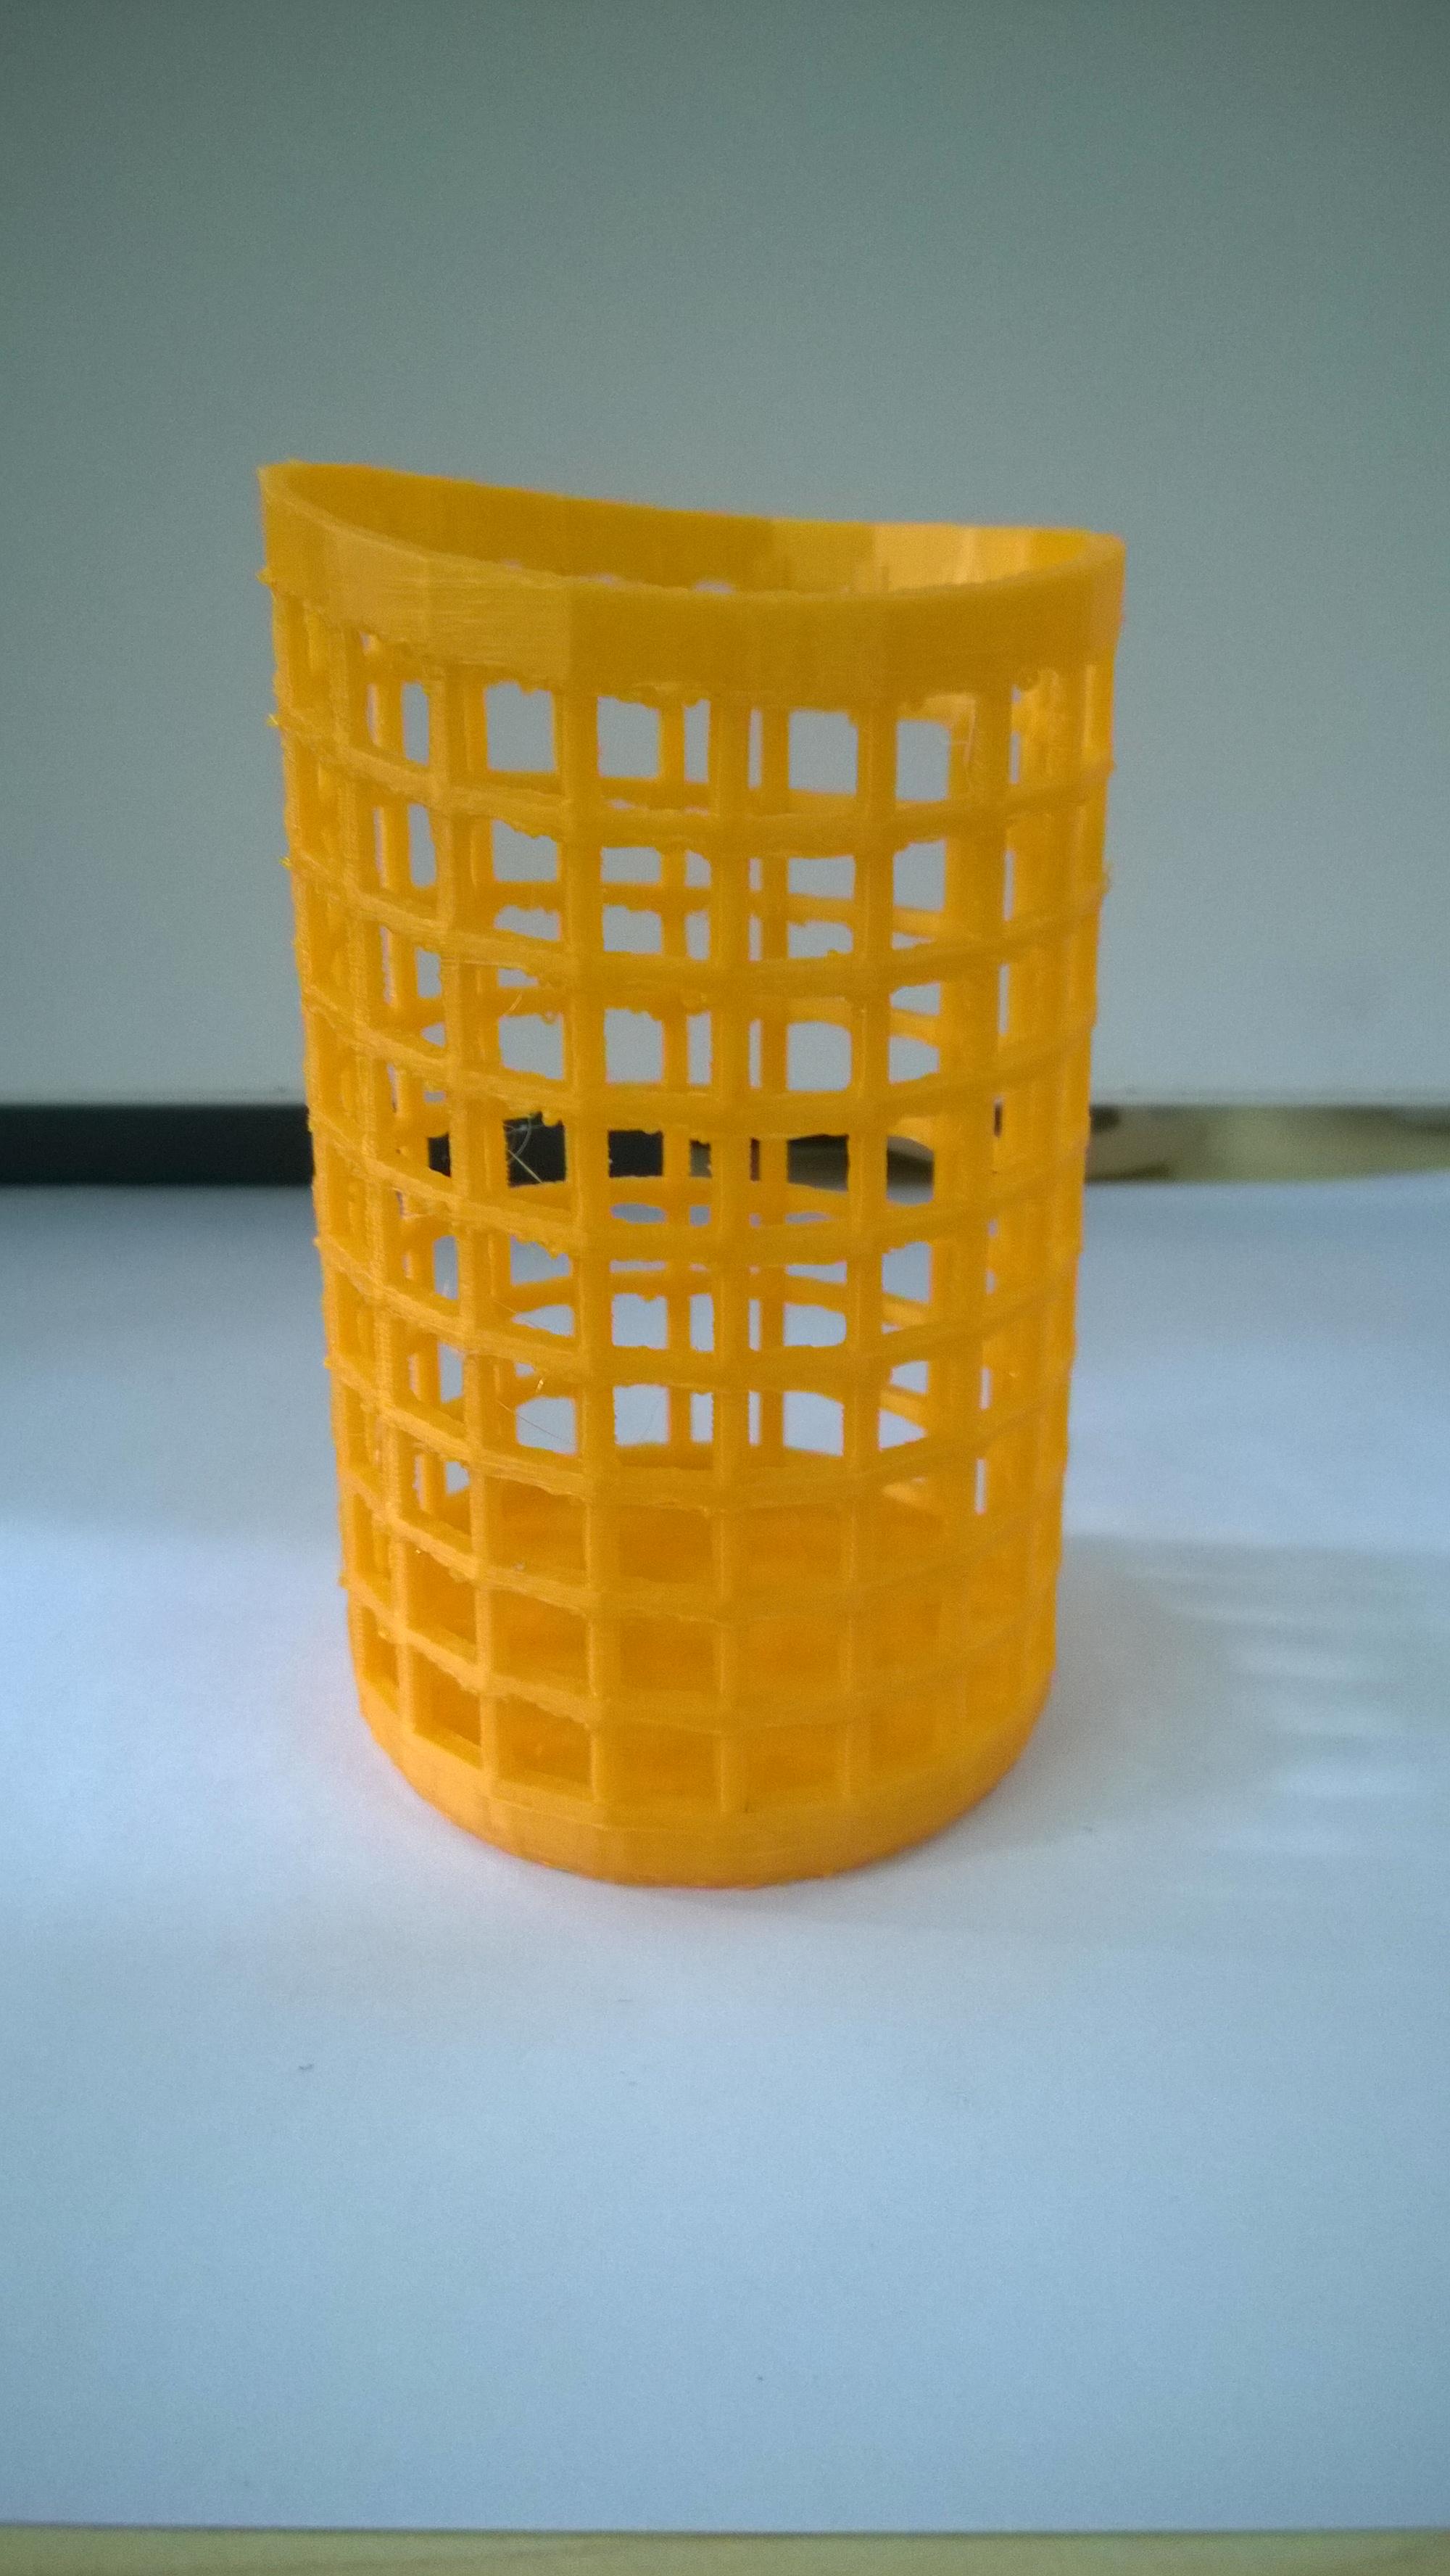 镂空笔筒013D打印模型,镂空笔筒013D模型下载,3D打印镂空笔筒01模型下载,镂空笔筒013D模型,镂空笔筒01STL格式文件,镂空笔筒013D打印模型免费下载,3D打印模型库